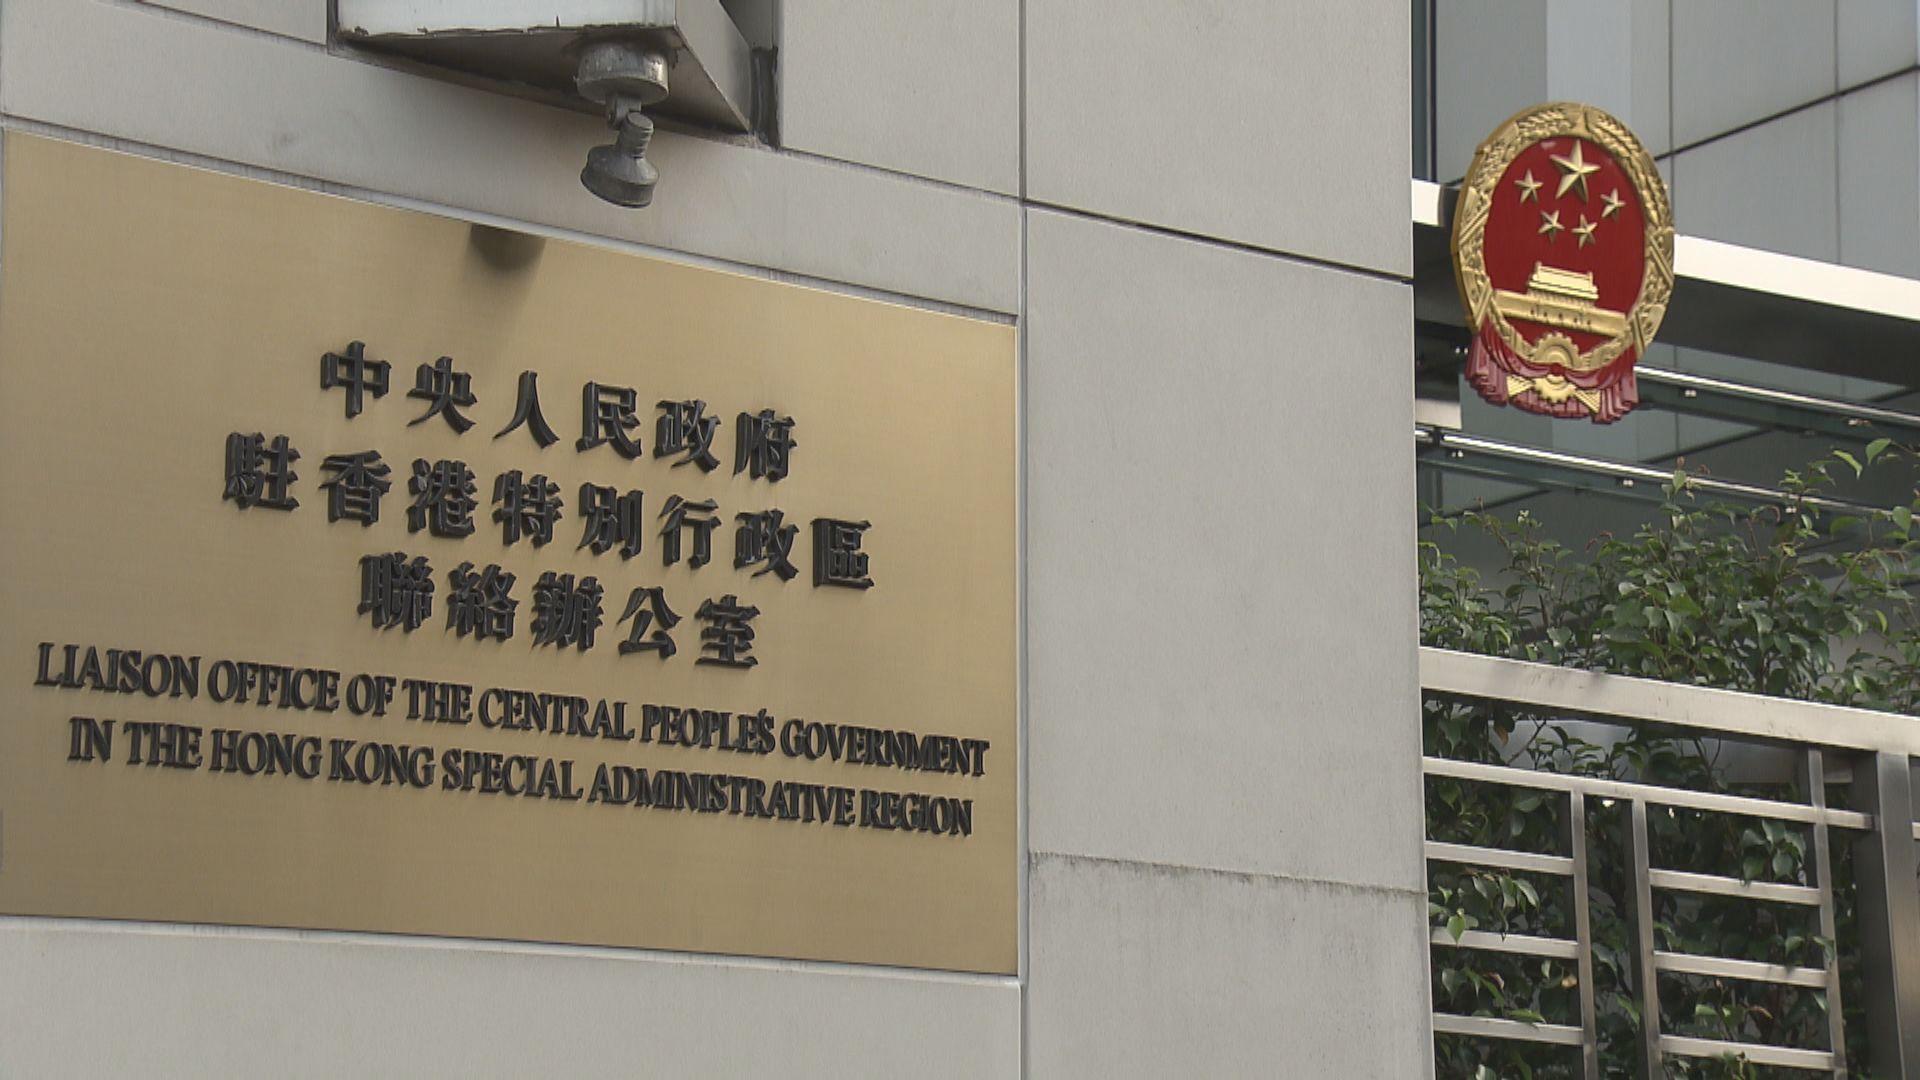 港澳辦及中聯辦對廣東道火警死者表達沉痛哀悼